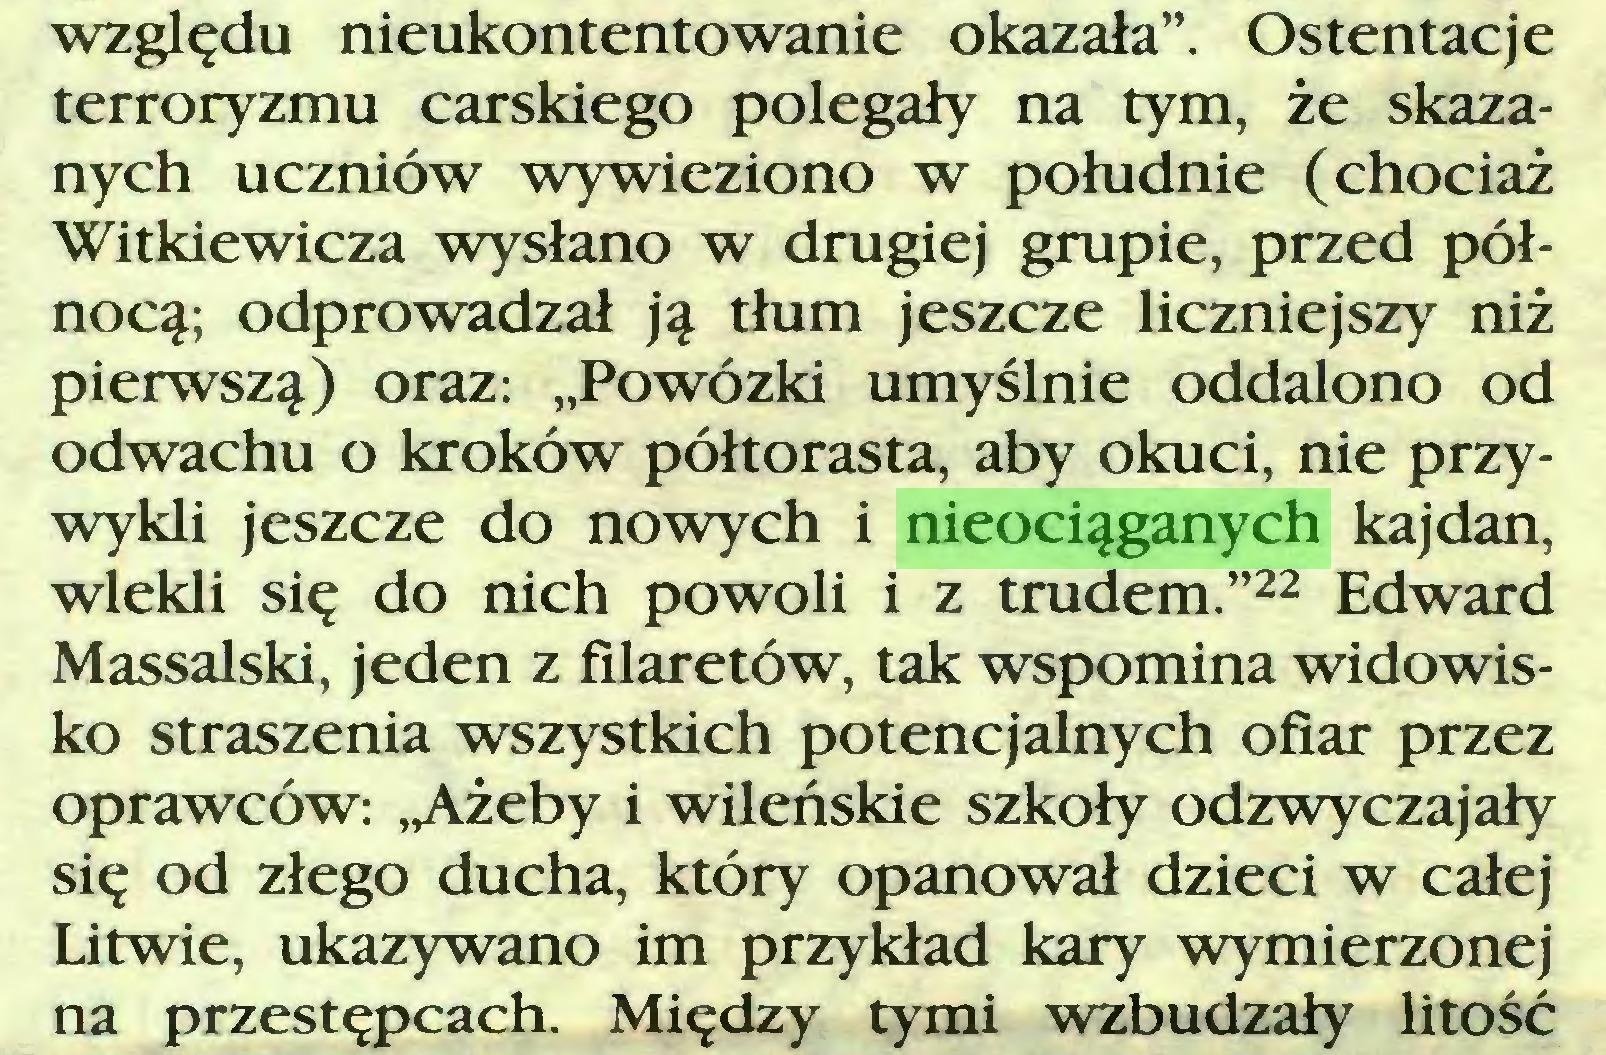 """(...) względu nieukontentowanie okazała"""". Ostentacje terroryzmu carskiego polegały na tym, że skazanych uczniów wywieziono w południe (chociaż Witkiewicza wysłano w drugiej grupie, przed północą; odprowadzał ją tłum jeszcze liczniejszy niż pierwszą) oraz: """"Powózki umyślnie oddalono od odwachu o kroków półtorasta, aby okuci, nie przywykli jeszcze do nowych i nieociąganych kajdan, wlekli się do nich powoli i z trudem.""""22 Edward Massalski, jeden z filaretów, tak wspomina widowisko straszenia wszystkich potencjalnych ofiar przez oprawców: ,Ażeby i wileńskie szkoły odzwyczajały się od złego ducha, który opanował dzieci w całej Litwie, ukazywano im przykład kary wymierzonej na przestępcach. Między tymi wzbudzały litość..."""